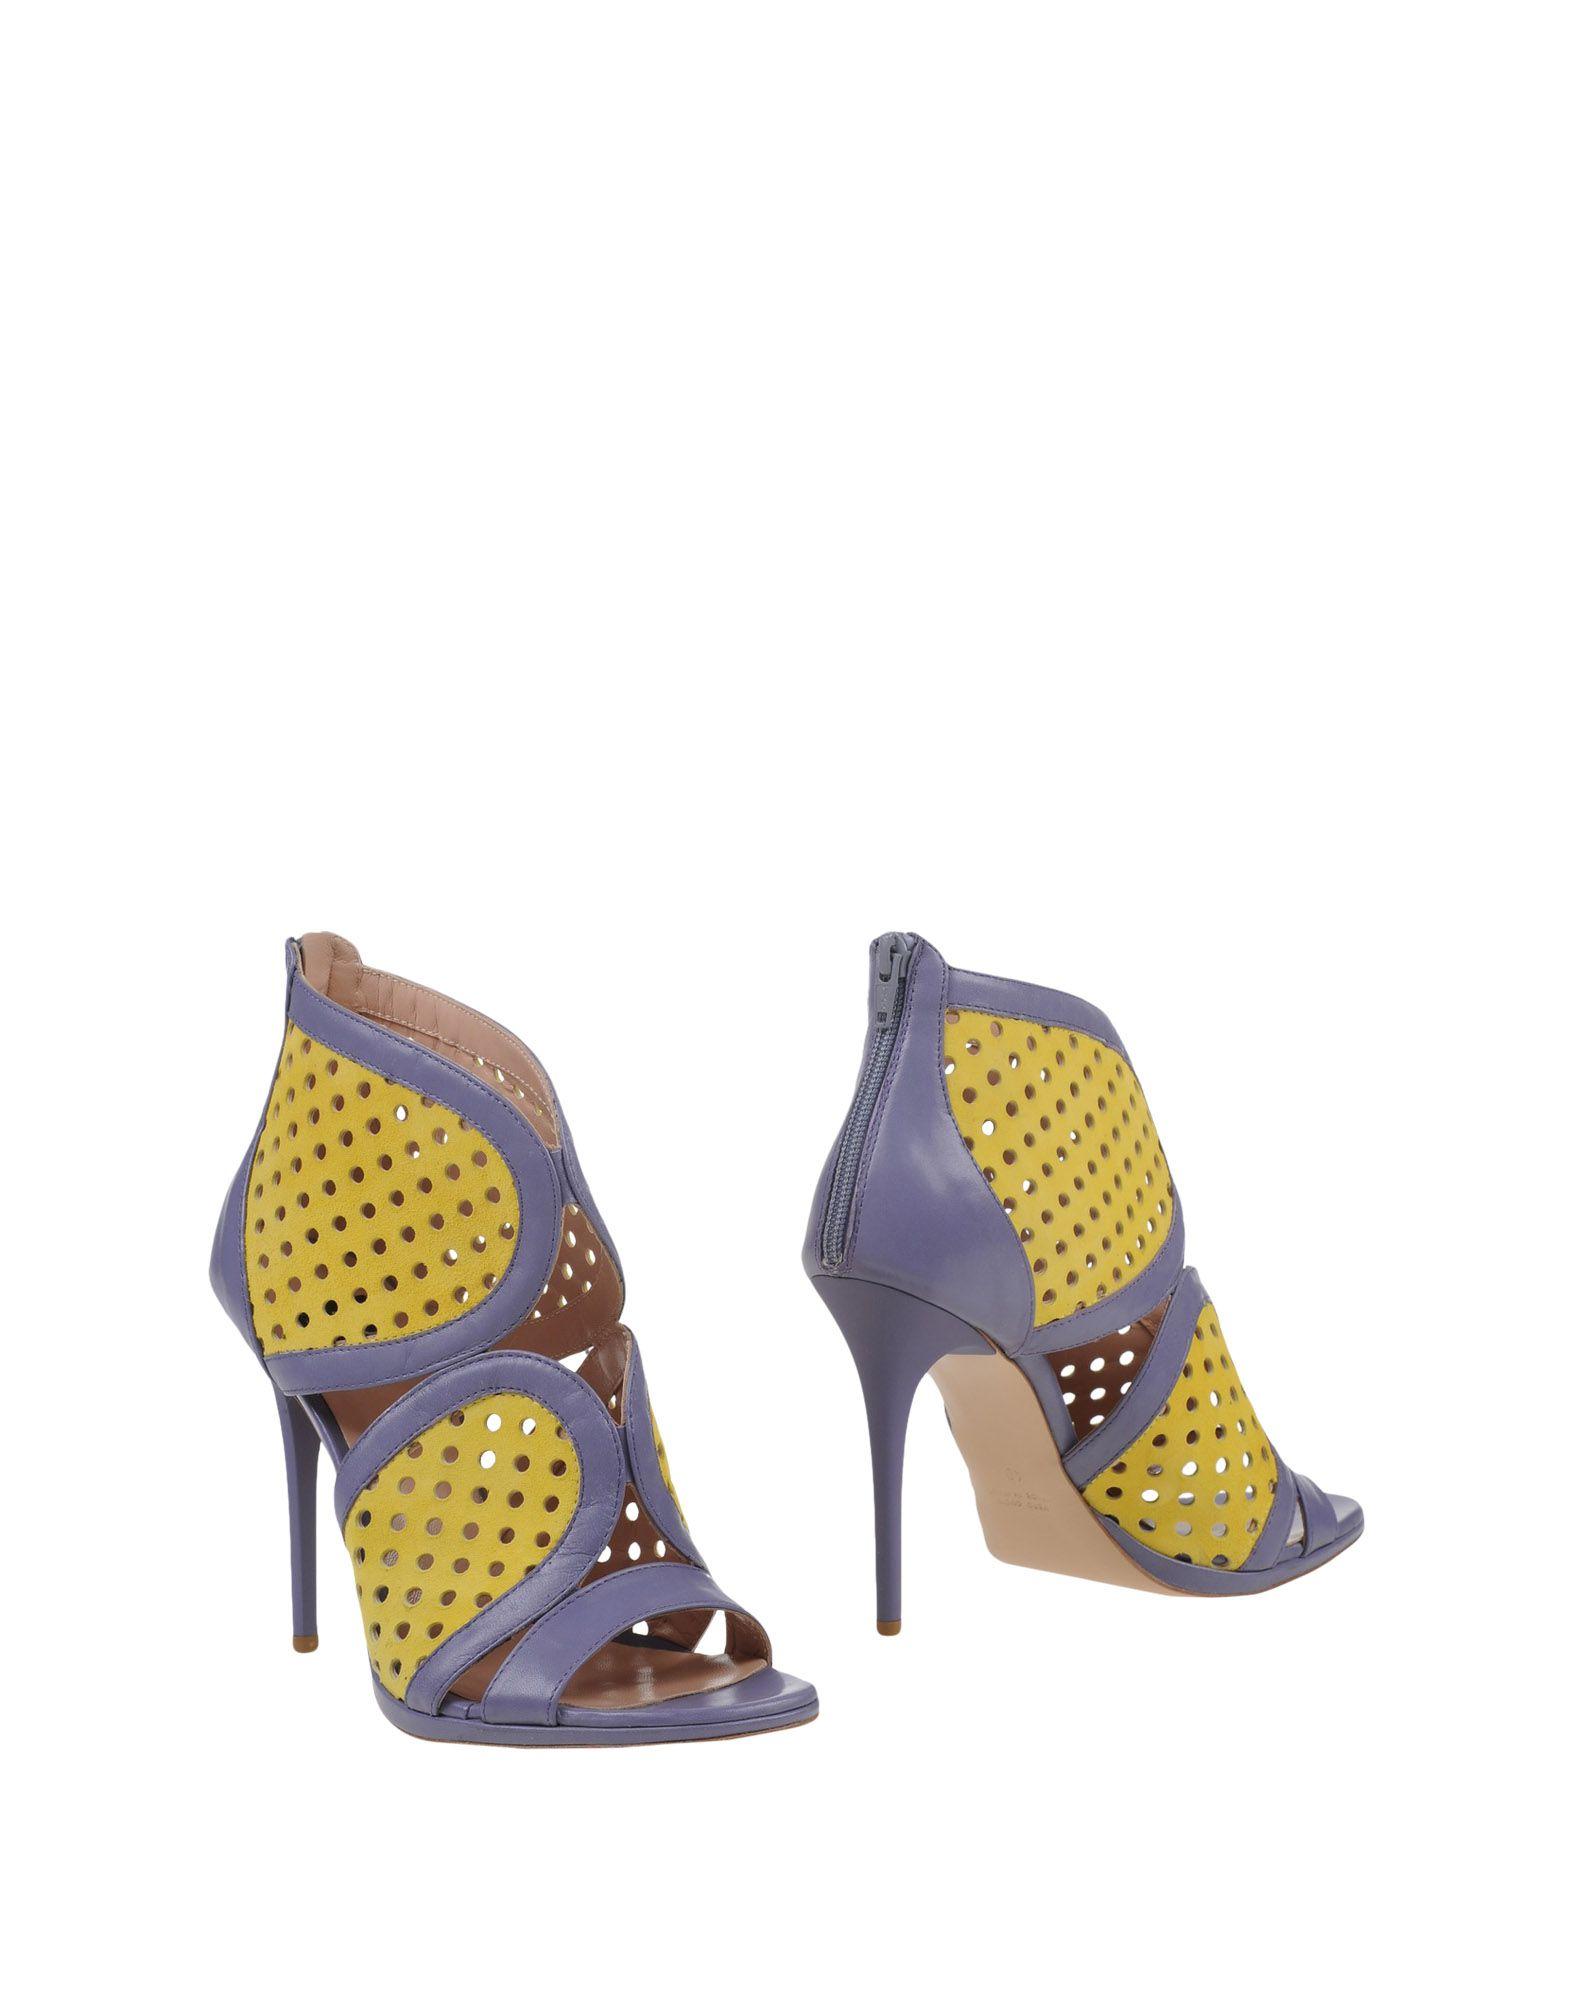 Islo Isabella Lorusso Stiefelette Damen  11117457SG Neue Schuhe